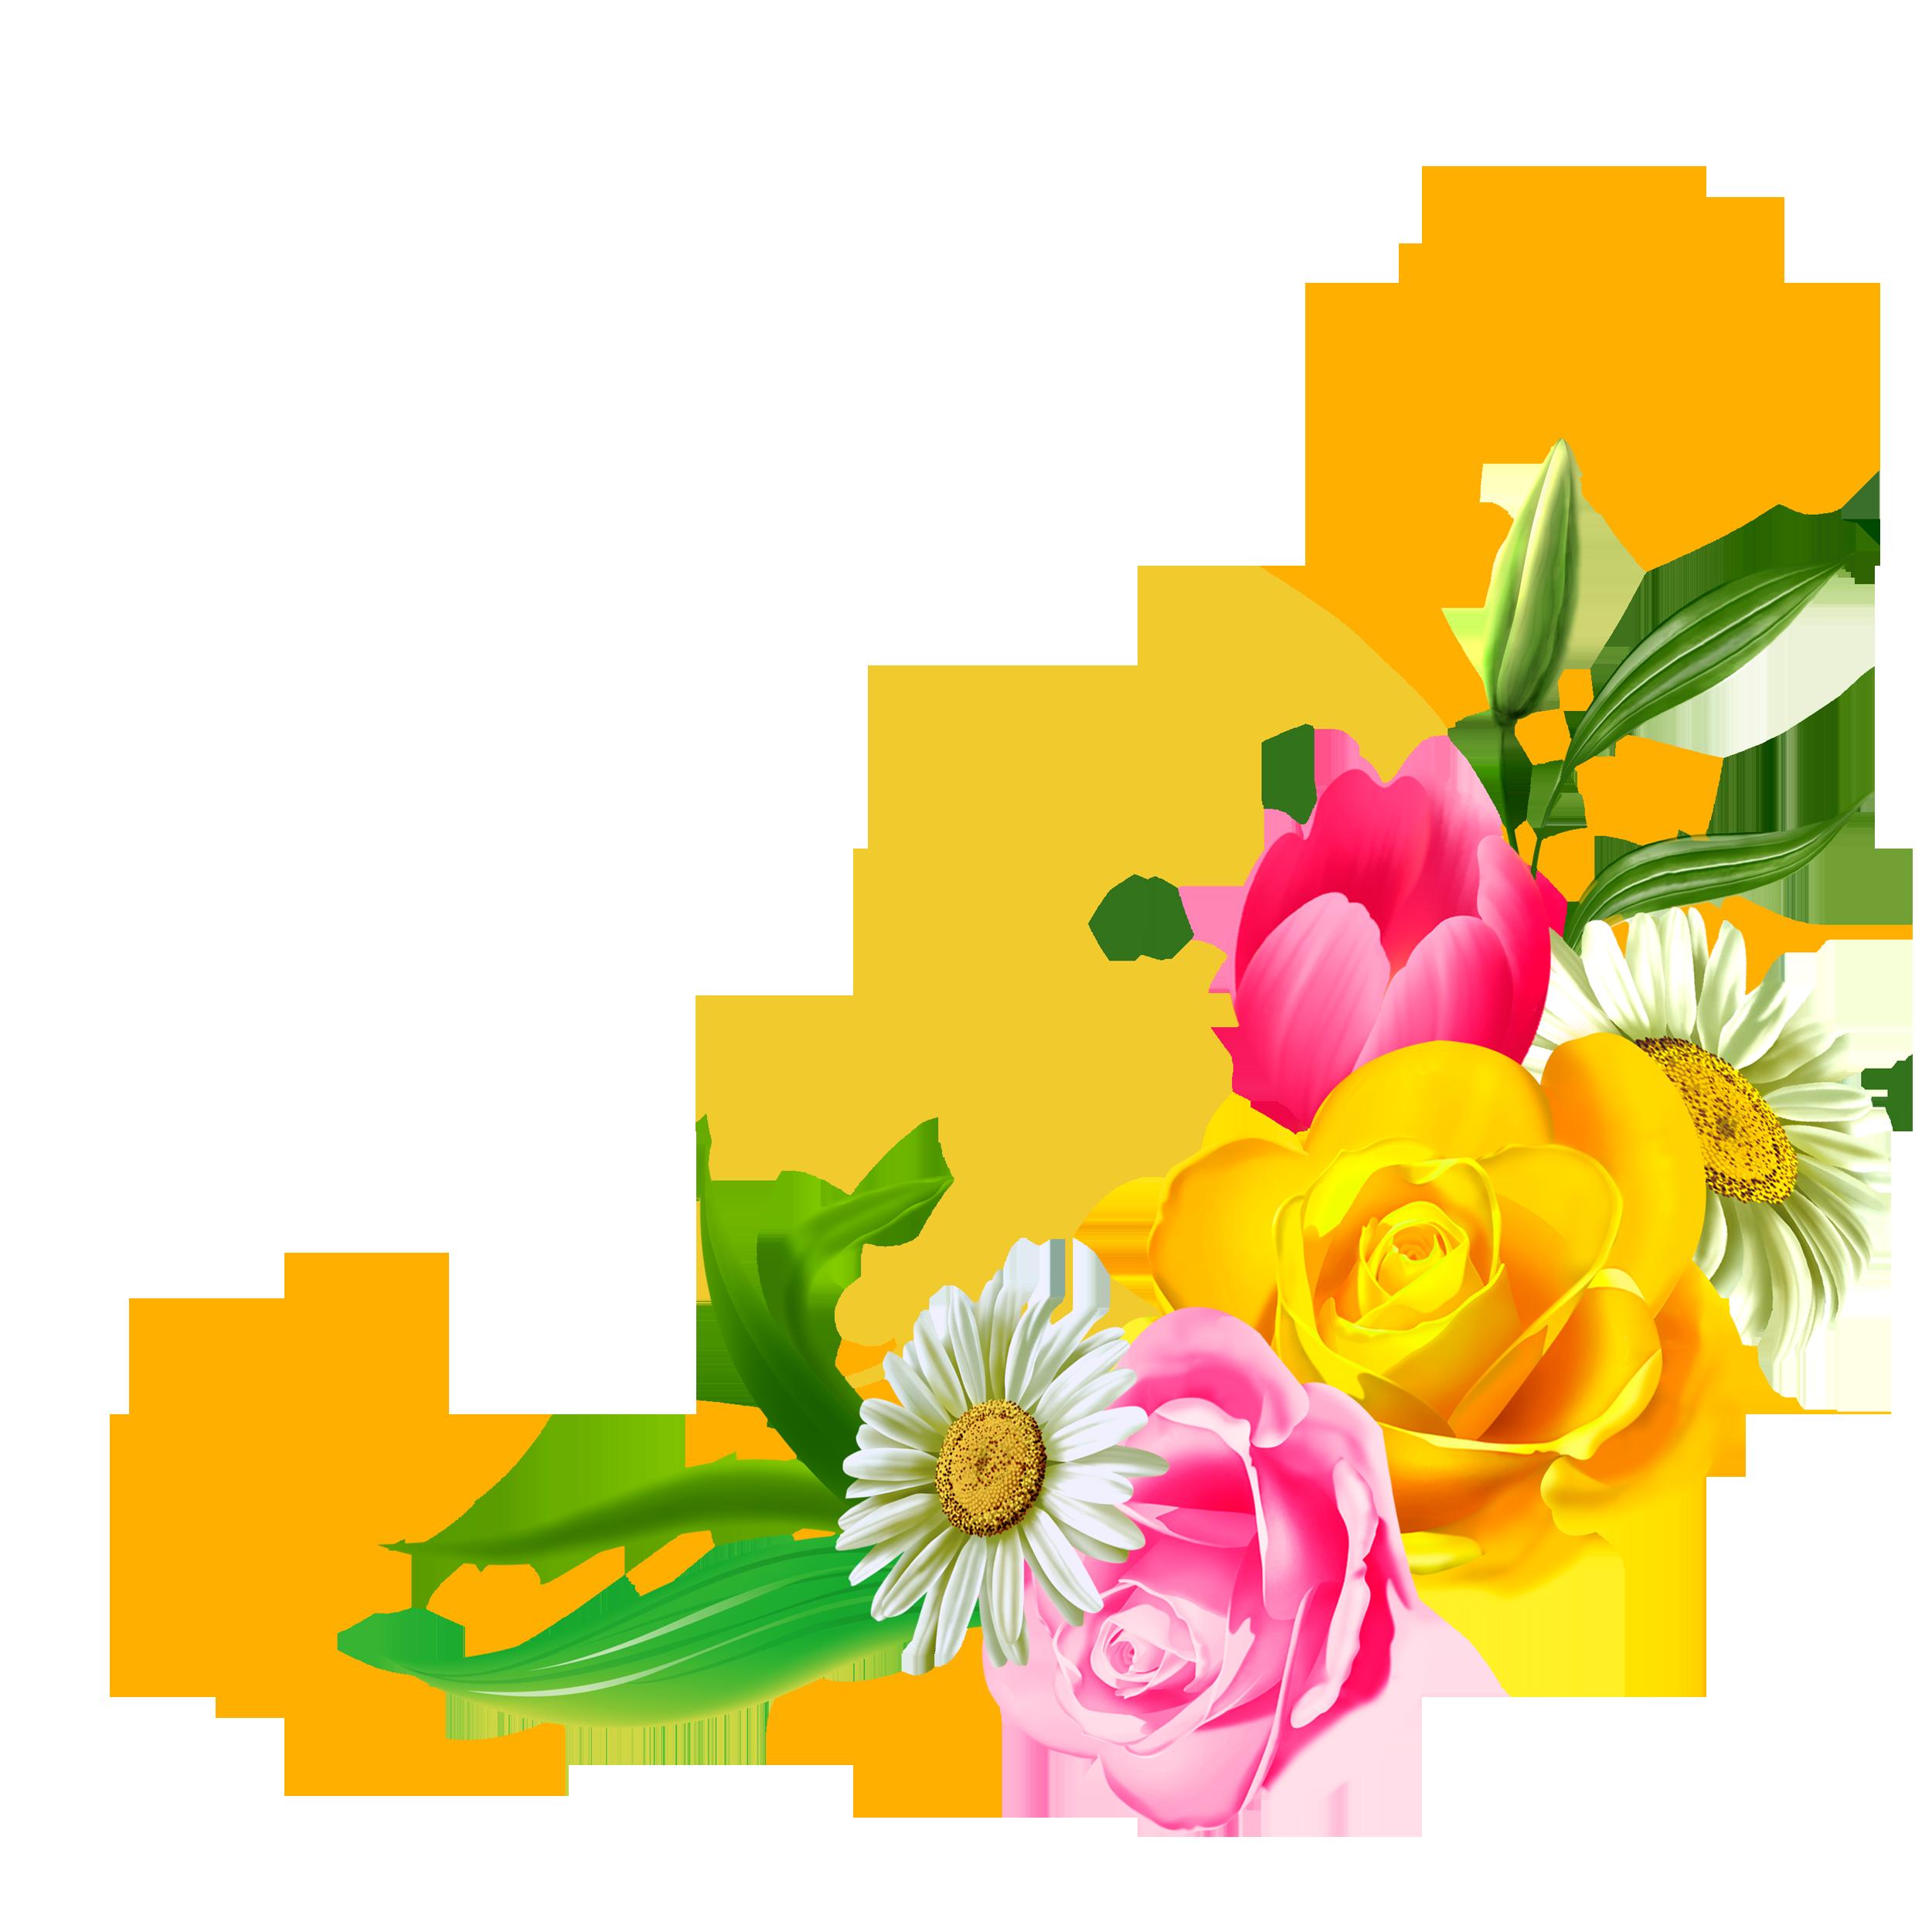 Цветы рамка на прозрачном фоне